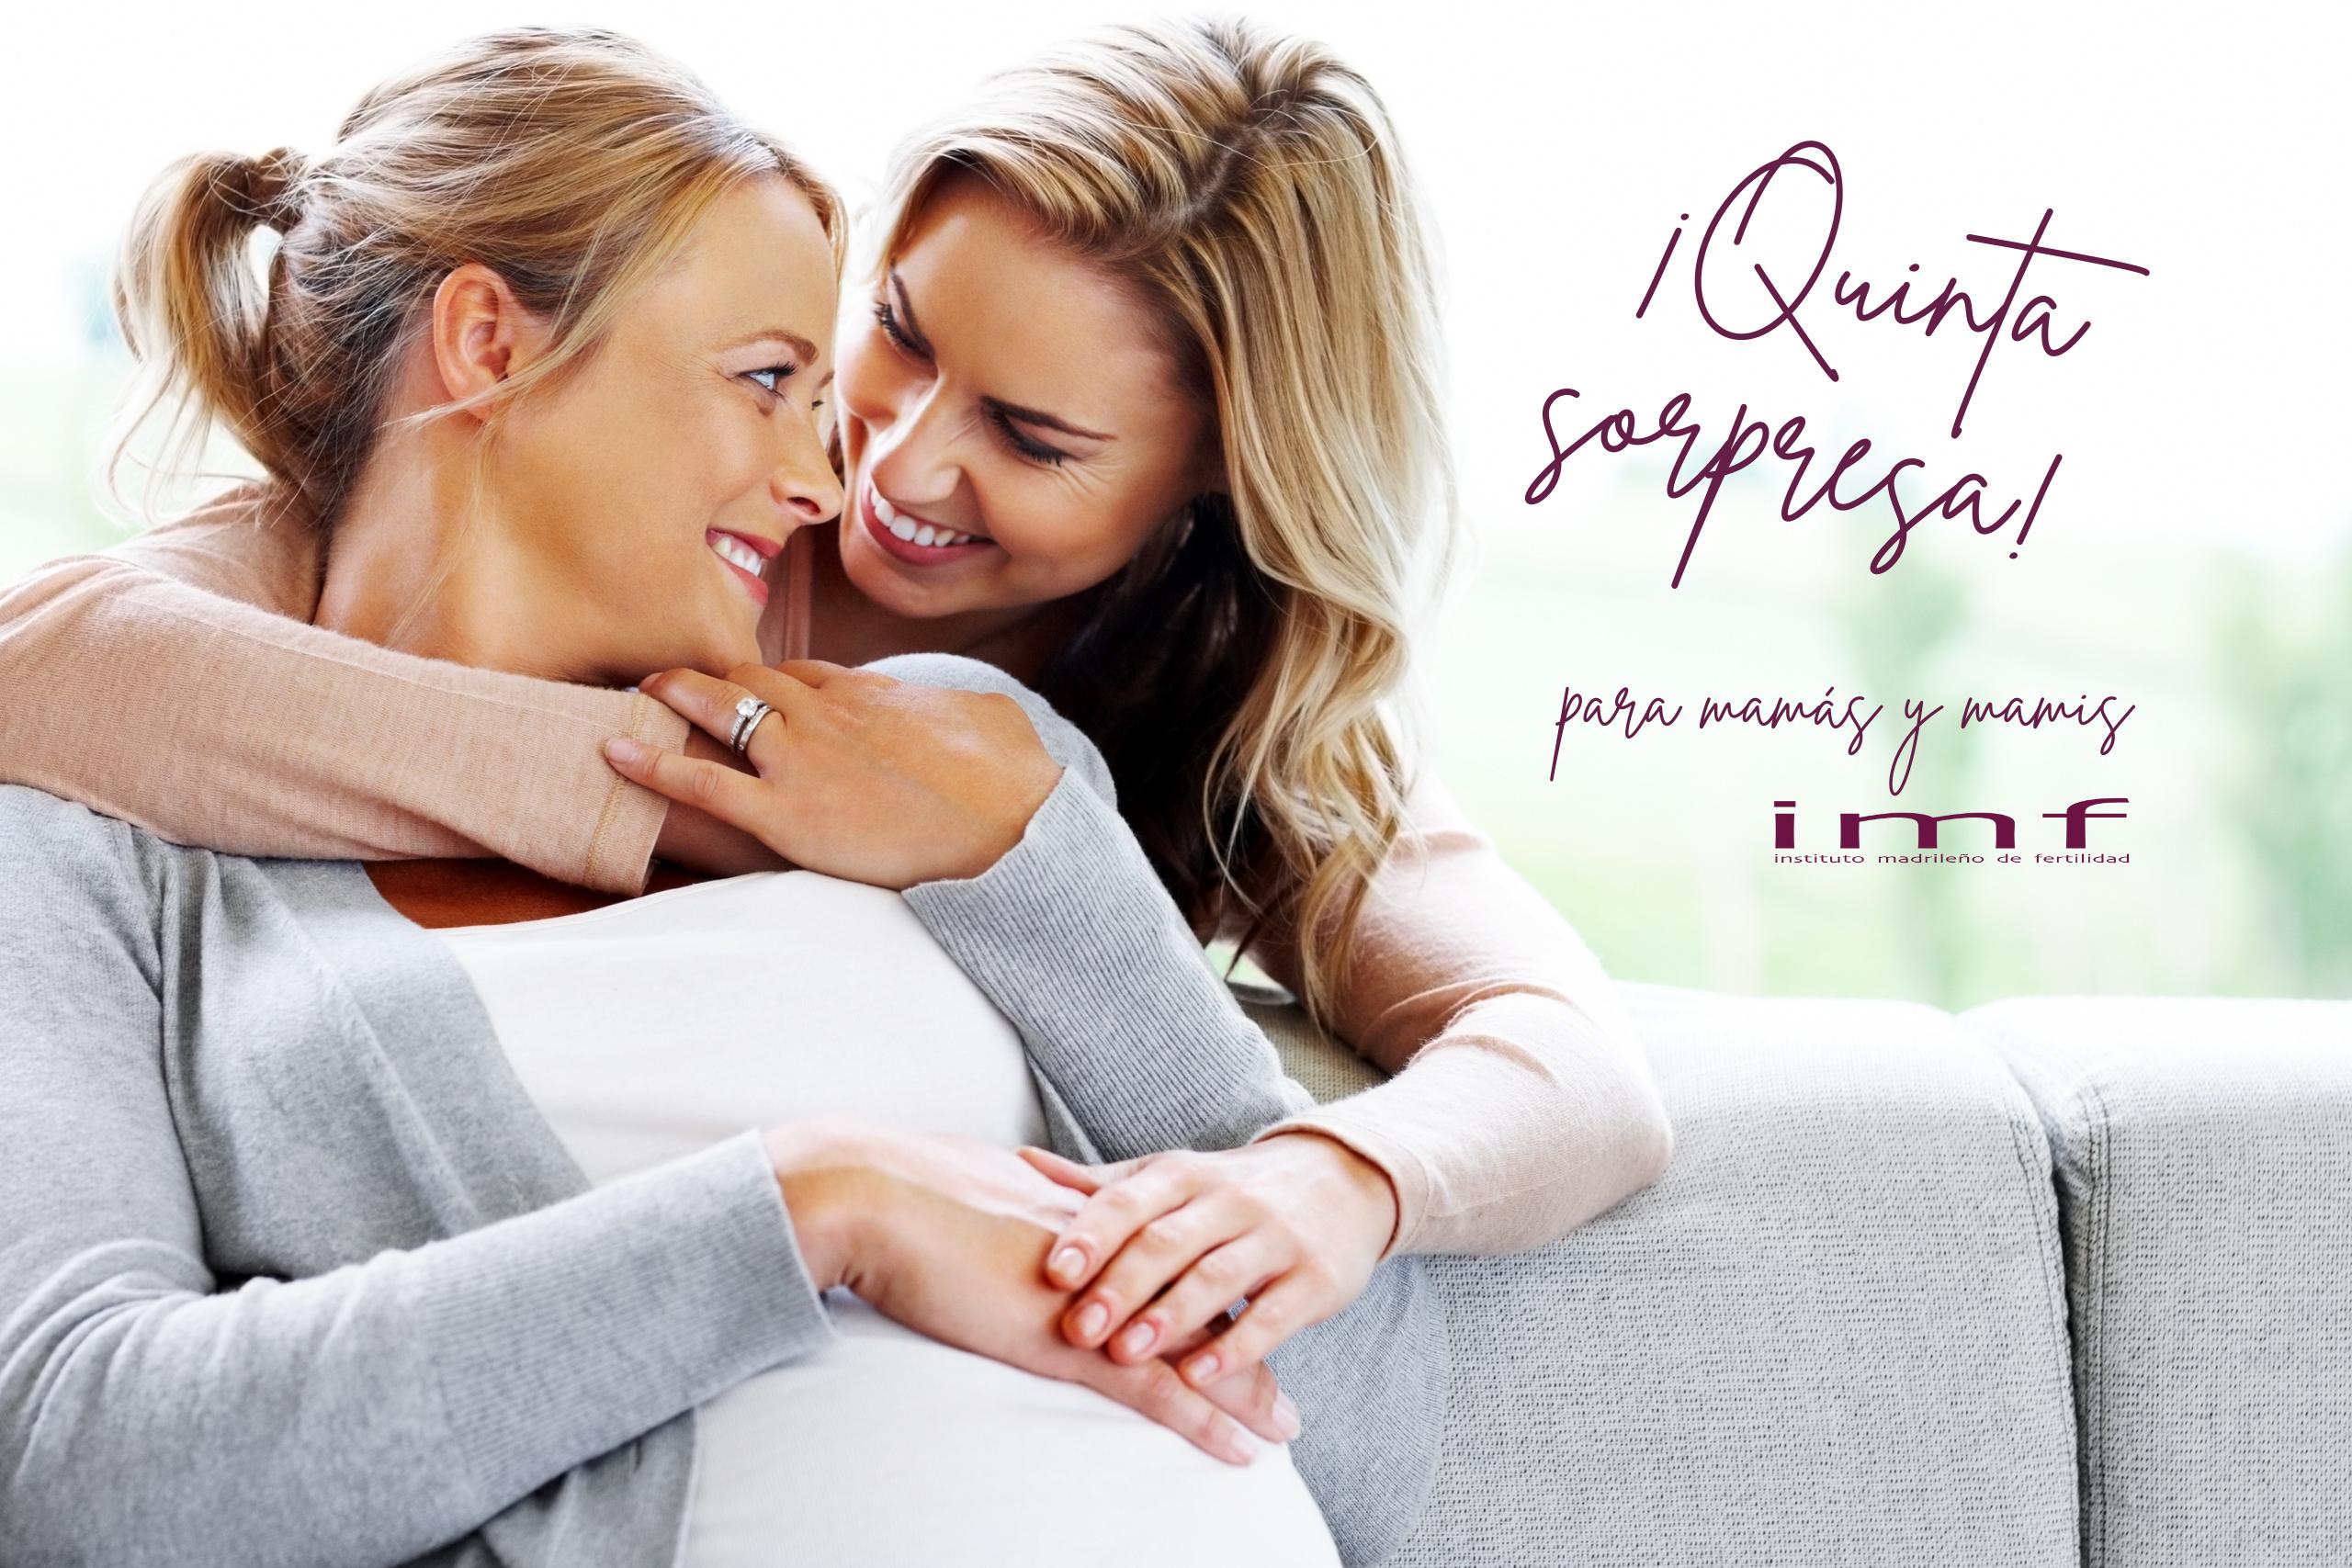 Quinta sorpresa #IMFcumple15 para mamás y mamis